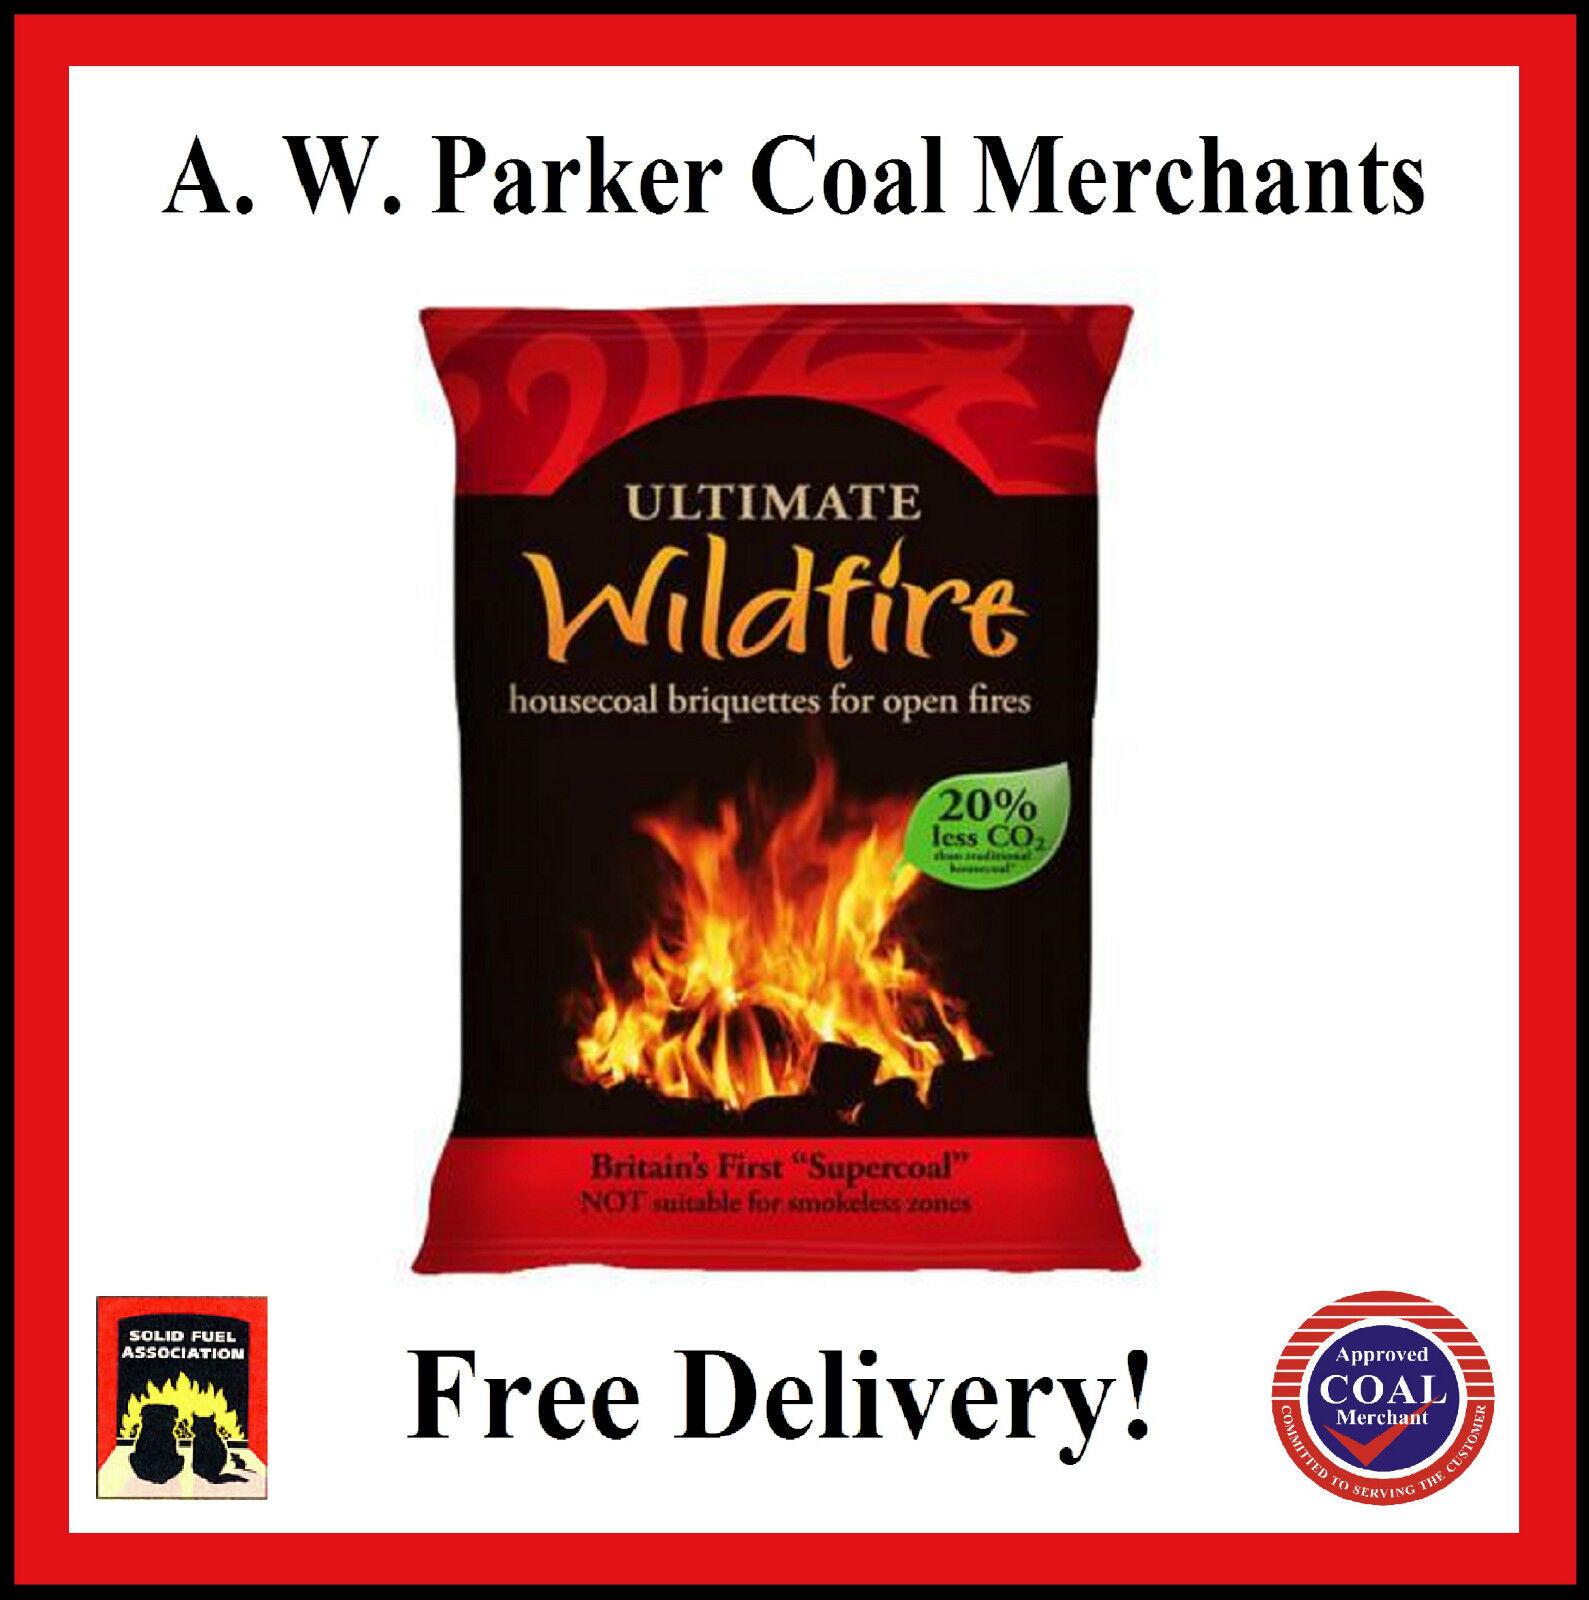 Wildfire House Coal Briquette 1 Tonne